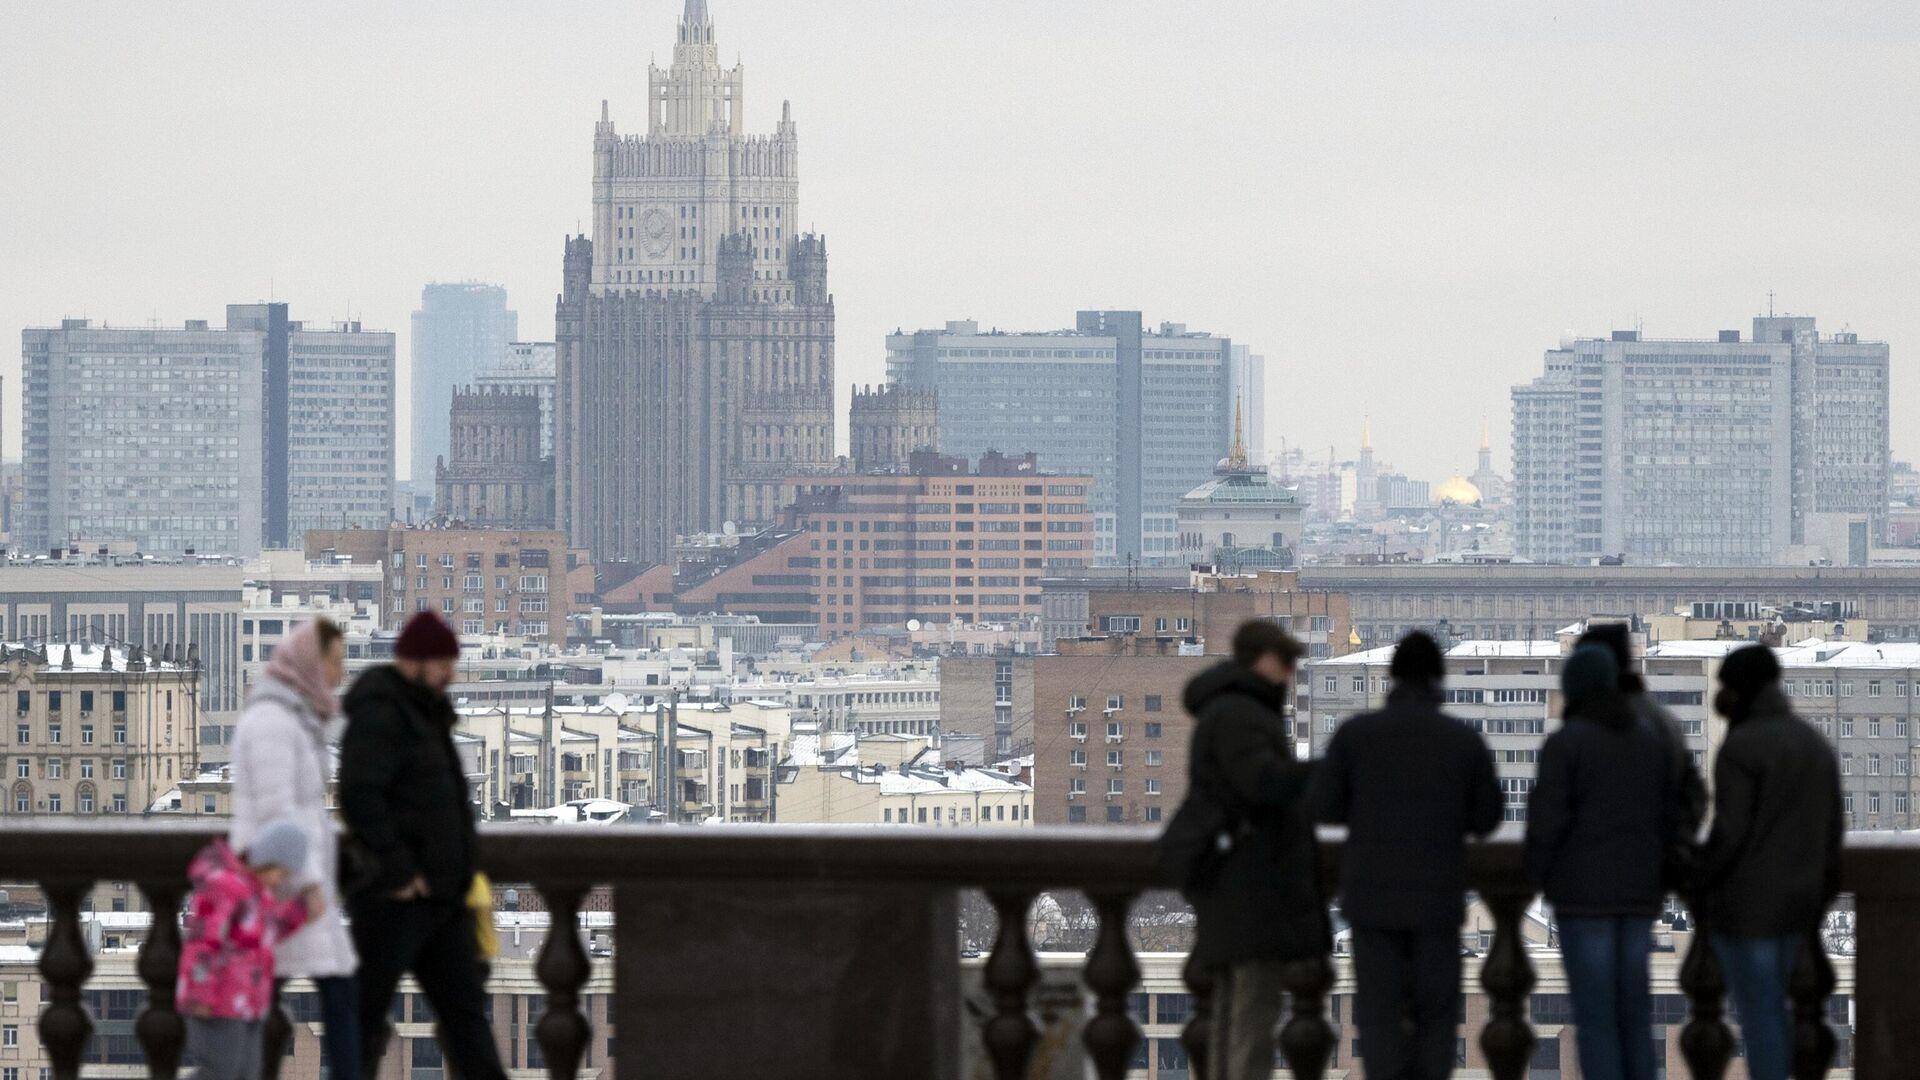 Вид на здание Министерства иностранных дел РФ на Смоленской-Сенной площади  - РИА Новости, 1920, 05.03.2021